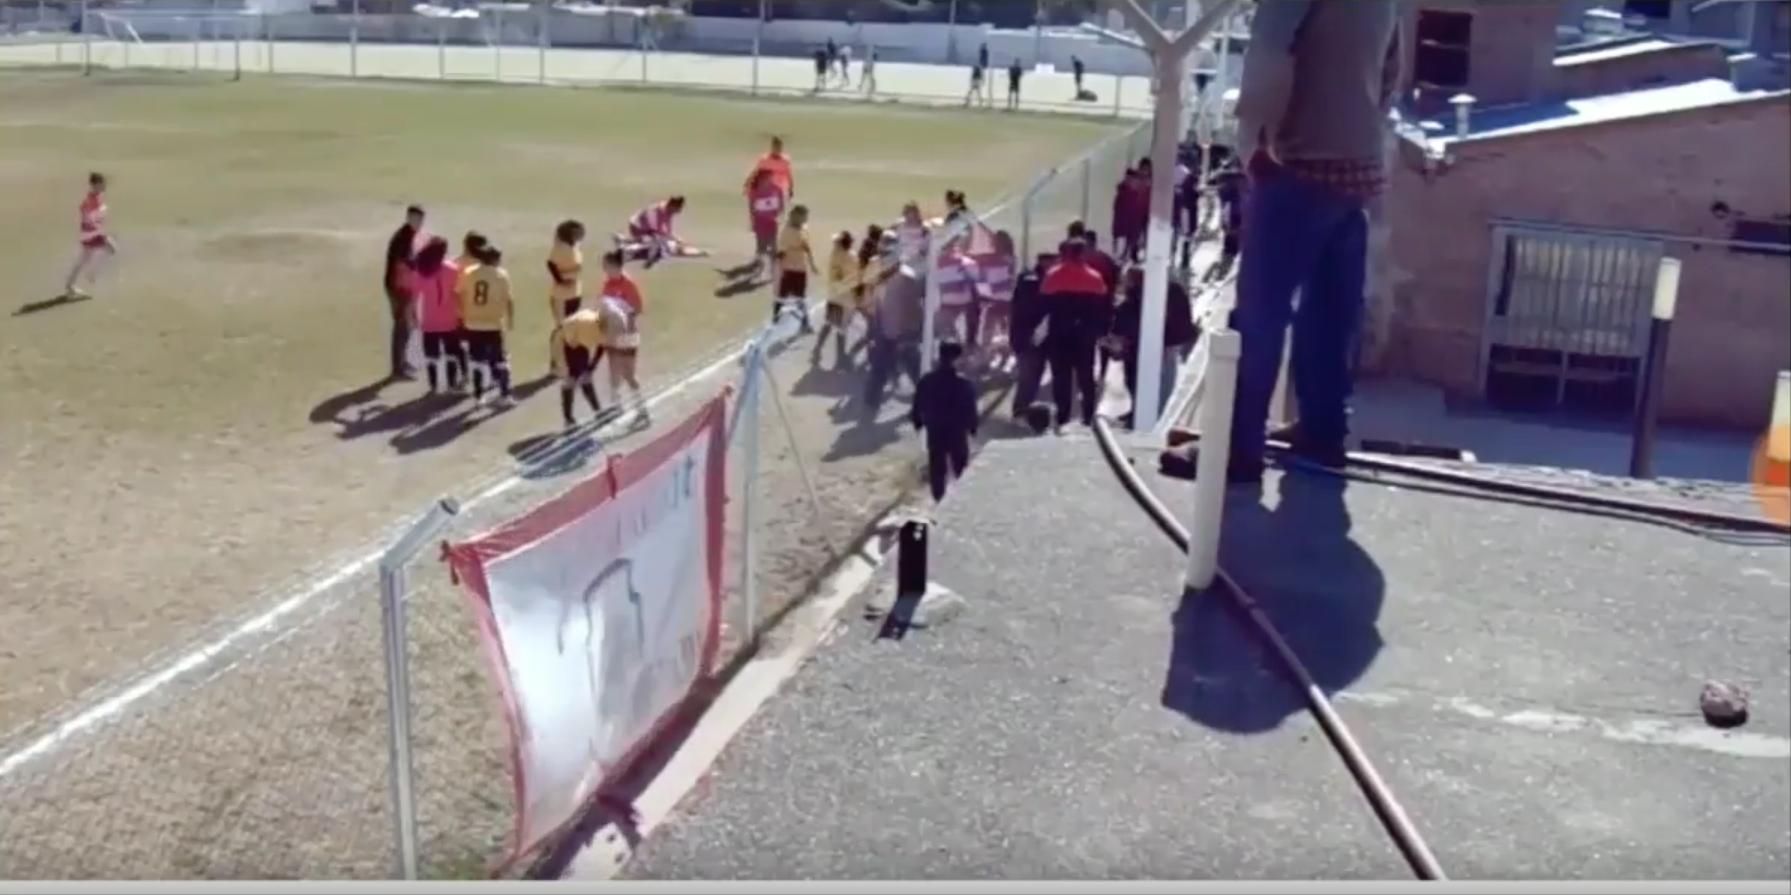 Pelea, Futbol Femenil, Argentina, Video